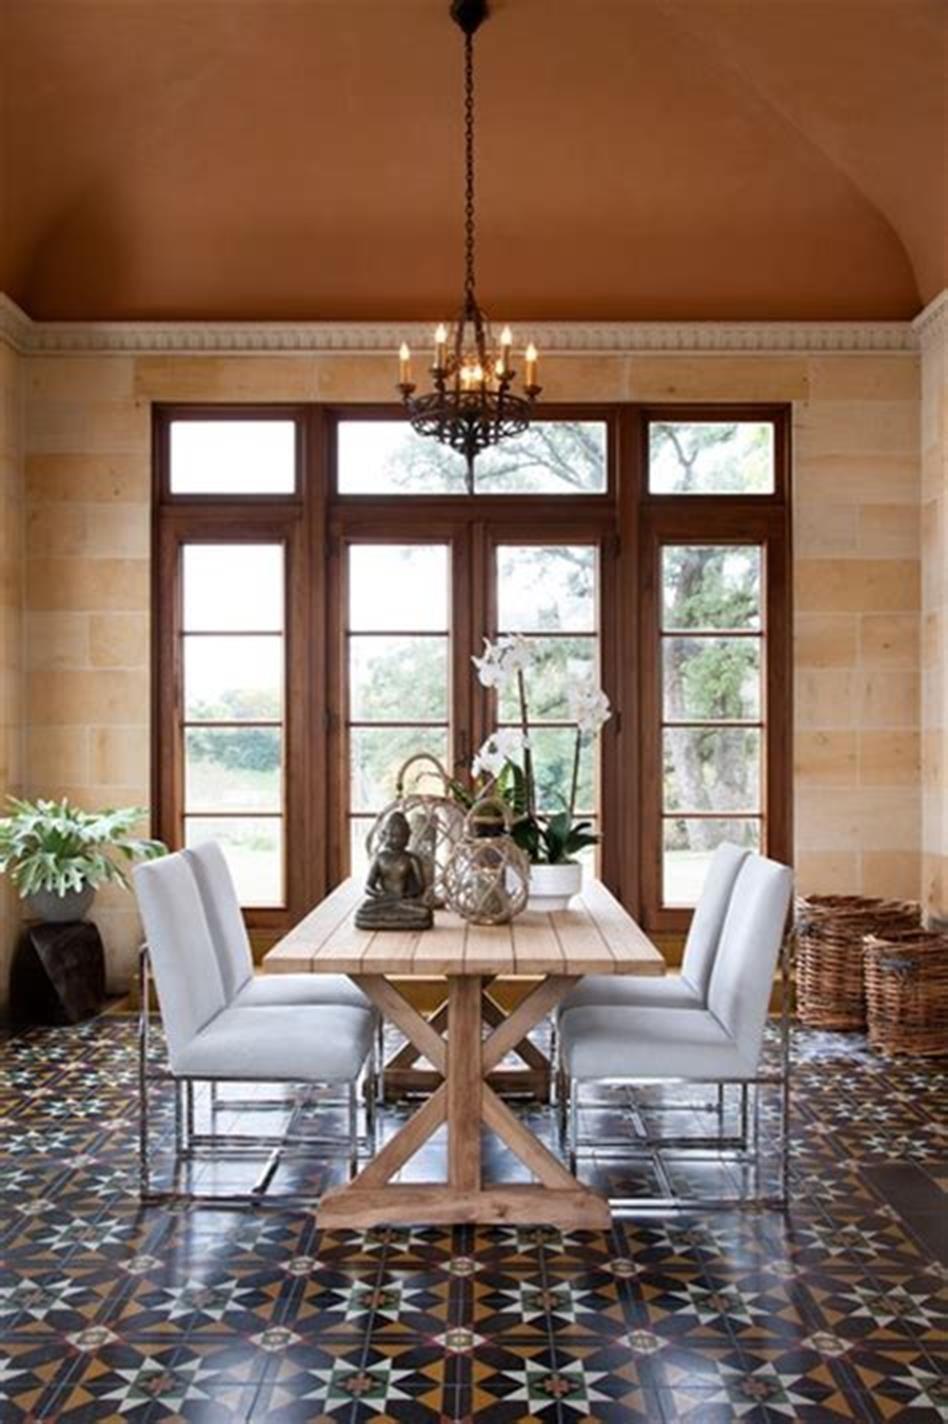 33 Most Popular Mediterranean Dining Room Decorating Ideas ...